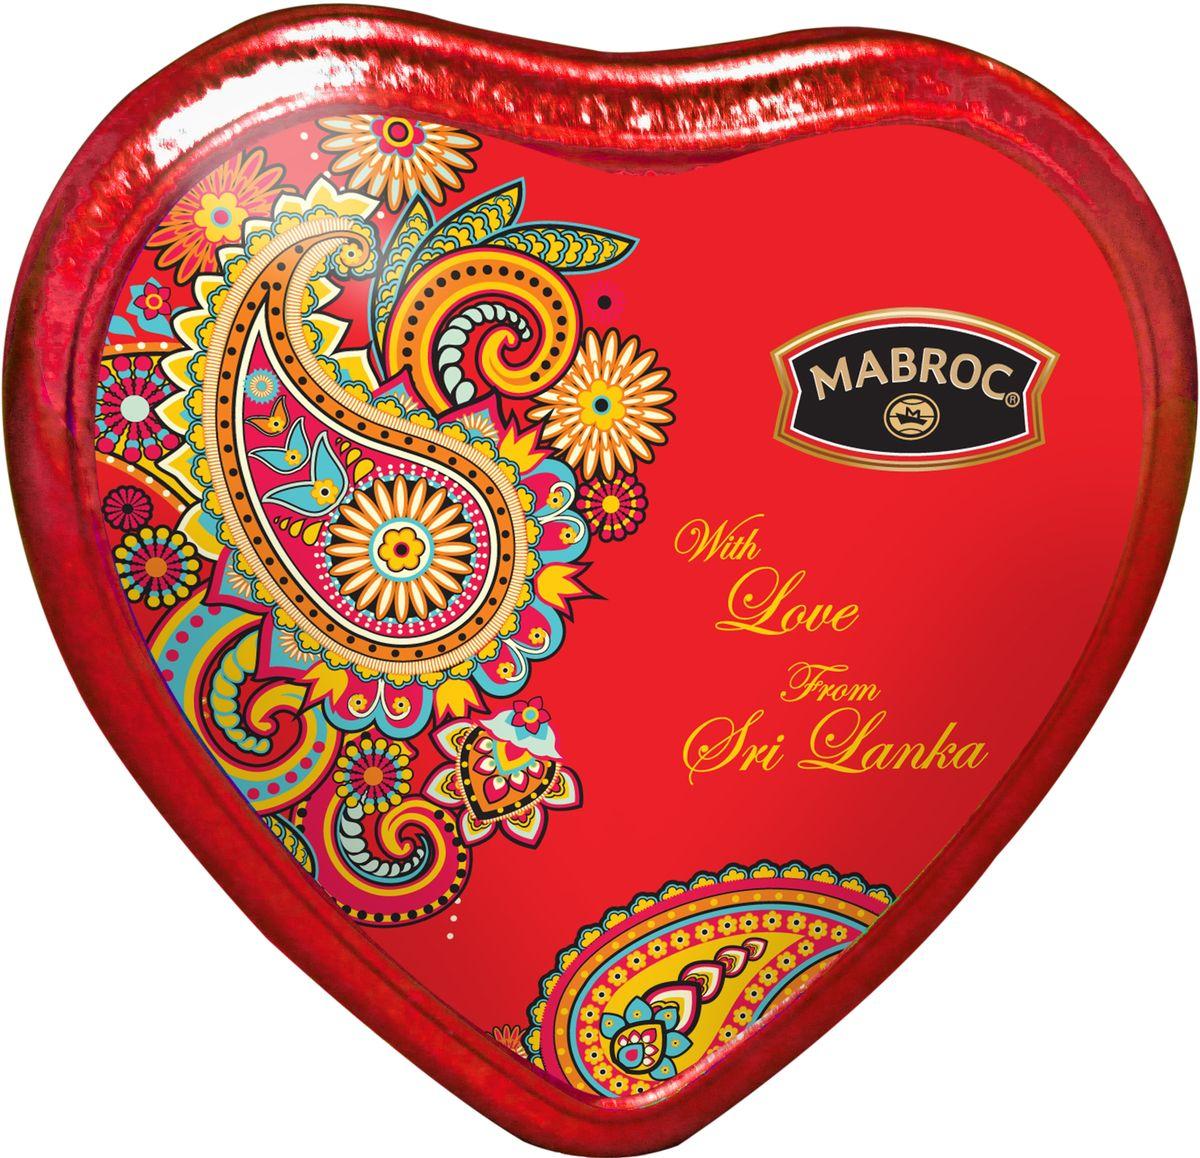 Маброк из Шри-Ланки с любовью чай черный листовой, 30 г4791029013763ТМ «Маброк», коллекция «Подарочный Чай». Из Шри-Ланки с Любовью. Подарочная упаковка изготовлена в форме сердца из металла . Производитель: Mabroc Teas, Шри-Ланка, Состав: 100% цейлонский чай. Стандарт: FBOP Для чая FBOP собирают два верхних молодых листочка и нераспустившуюся почку. Почки (типсы) придают чаю особый тонкий цветочный вкус. Чай FBOP среднелистовой и быстро заваривается, дает более крепкий настой. Яркий, прозрачный, интенсивный, настой. Вкус полный, терпкий, слегка вяжущий. Аромат чая полный, приятный, выражен достаточно ярко.